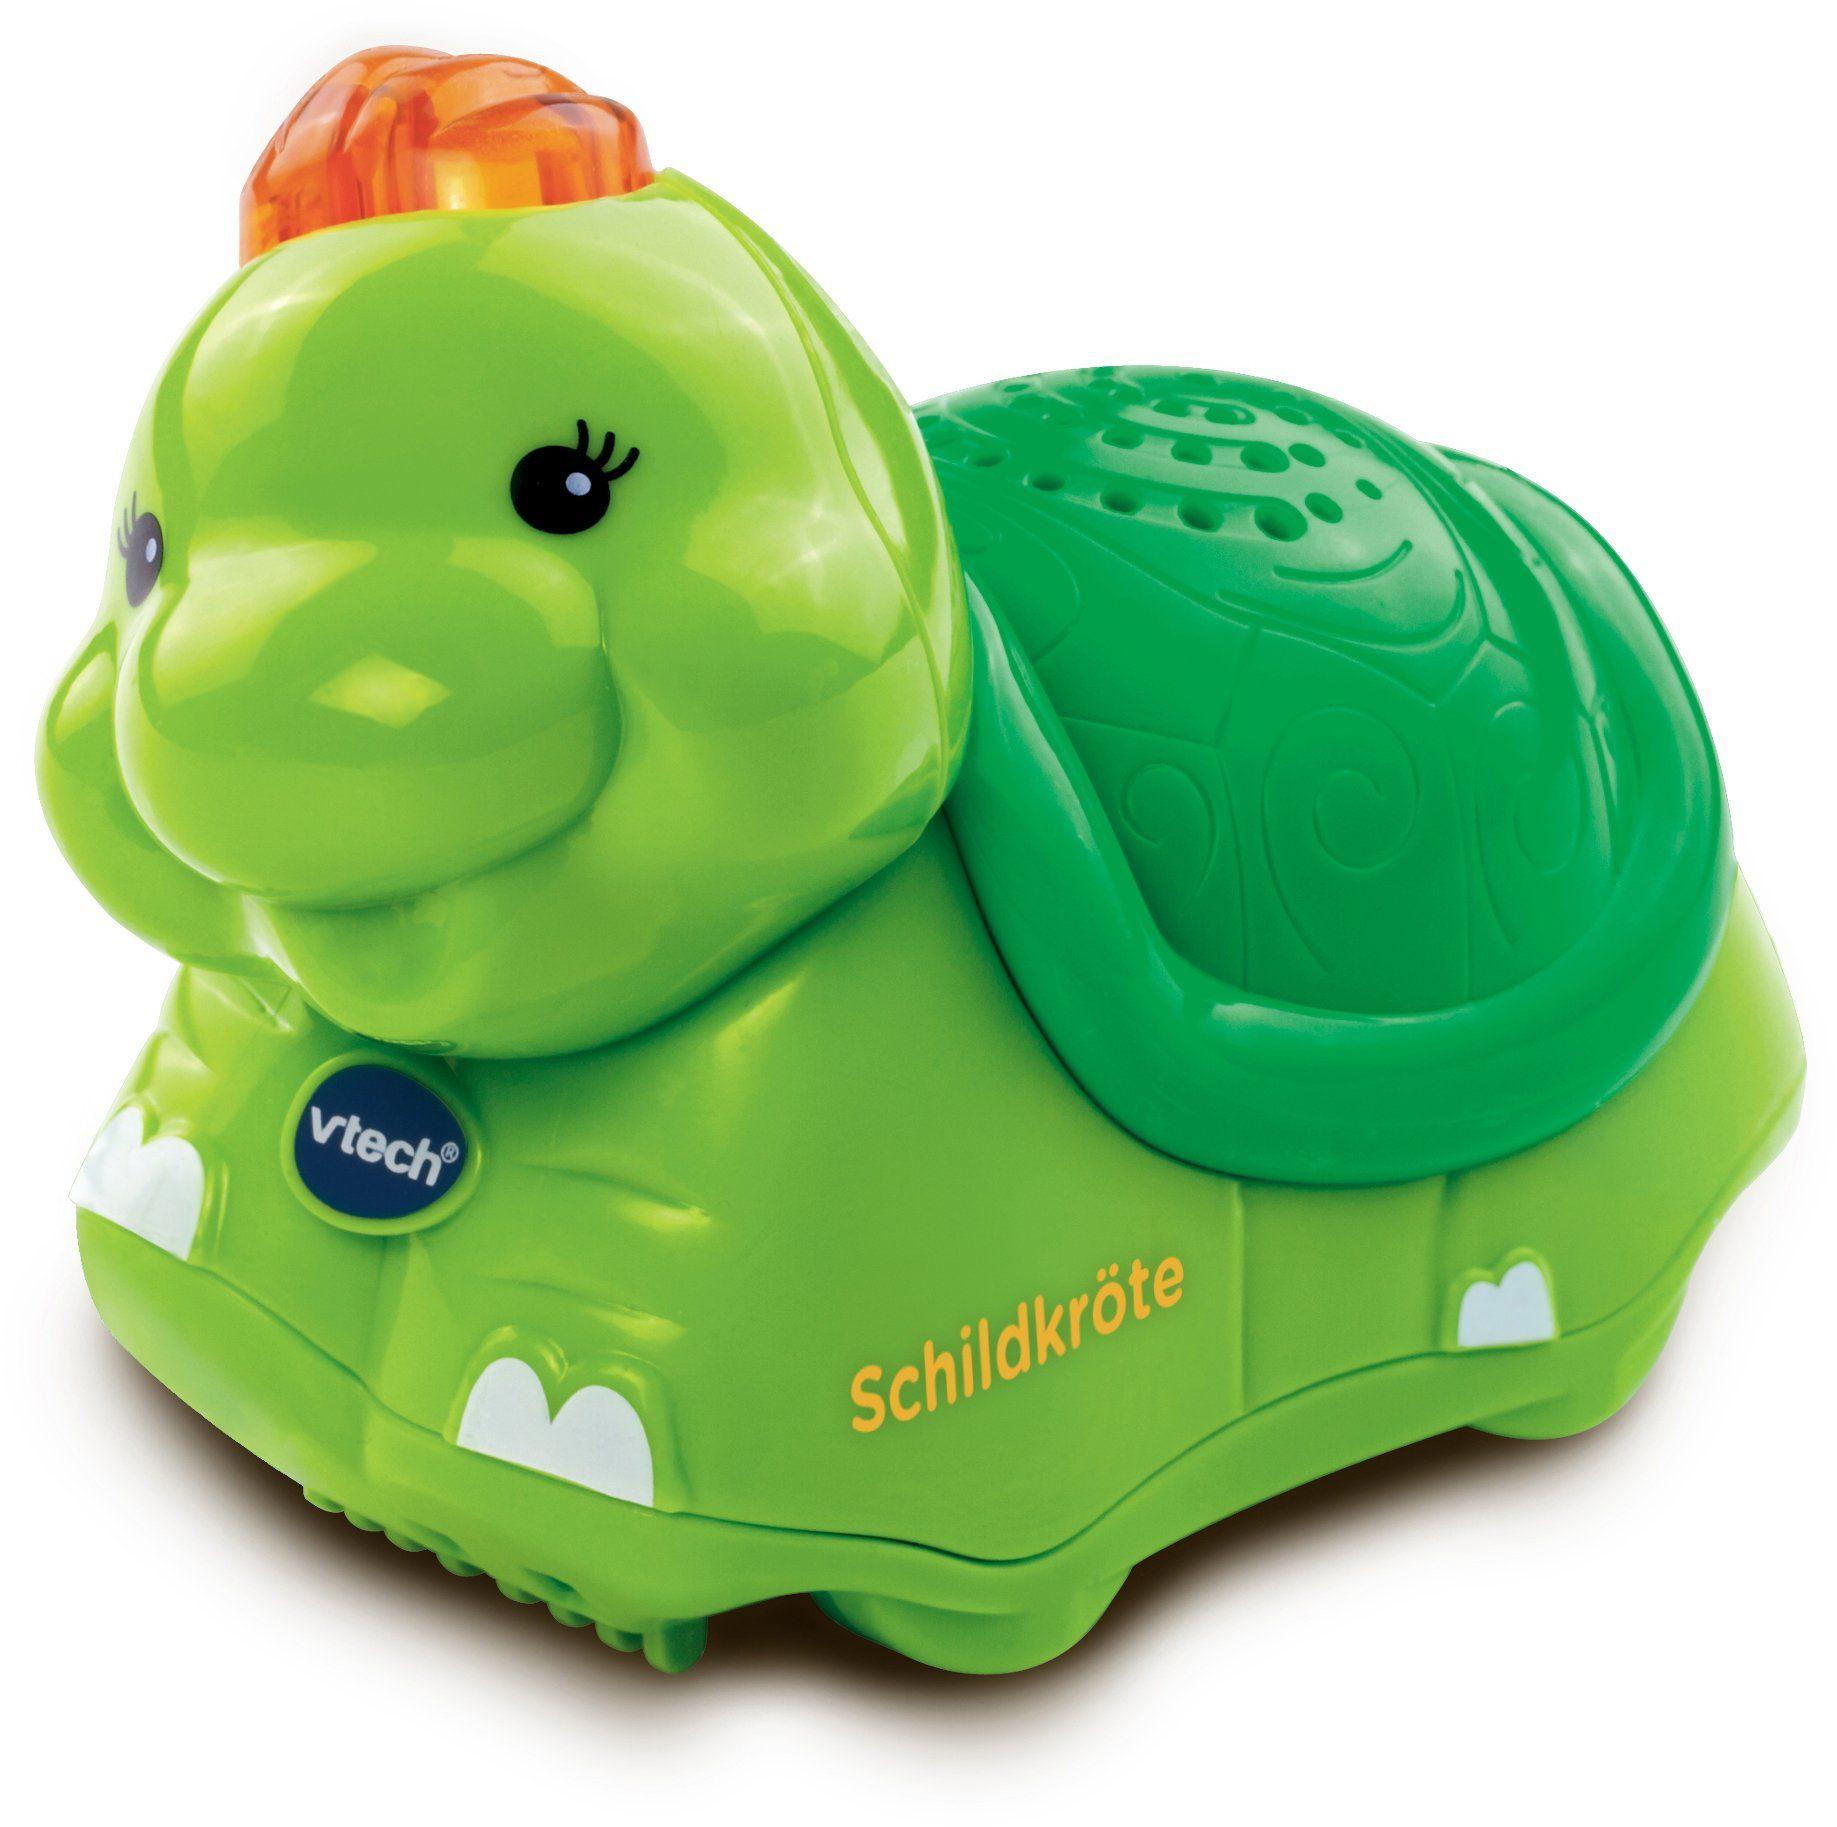 VTech Spielfigur mit Licht und Sound, »Tip Tap Baby Tiere Schildkröte«